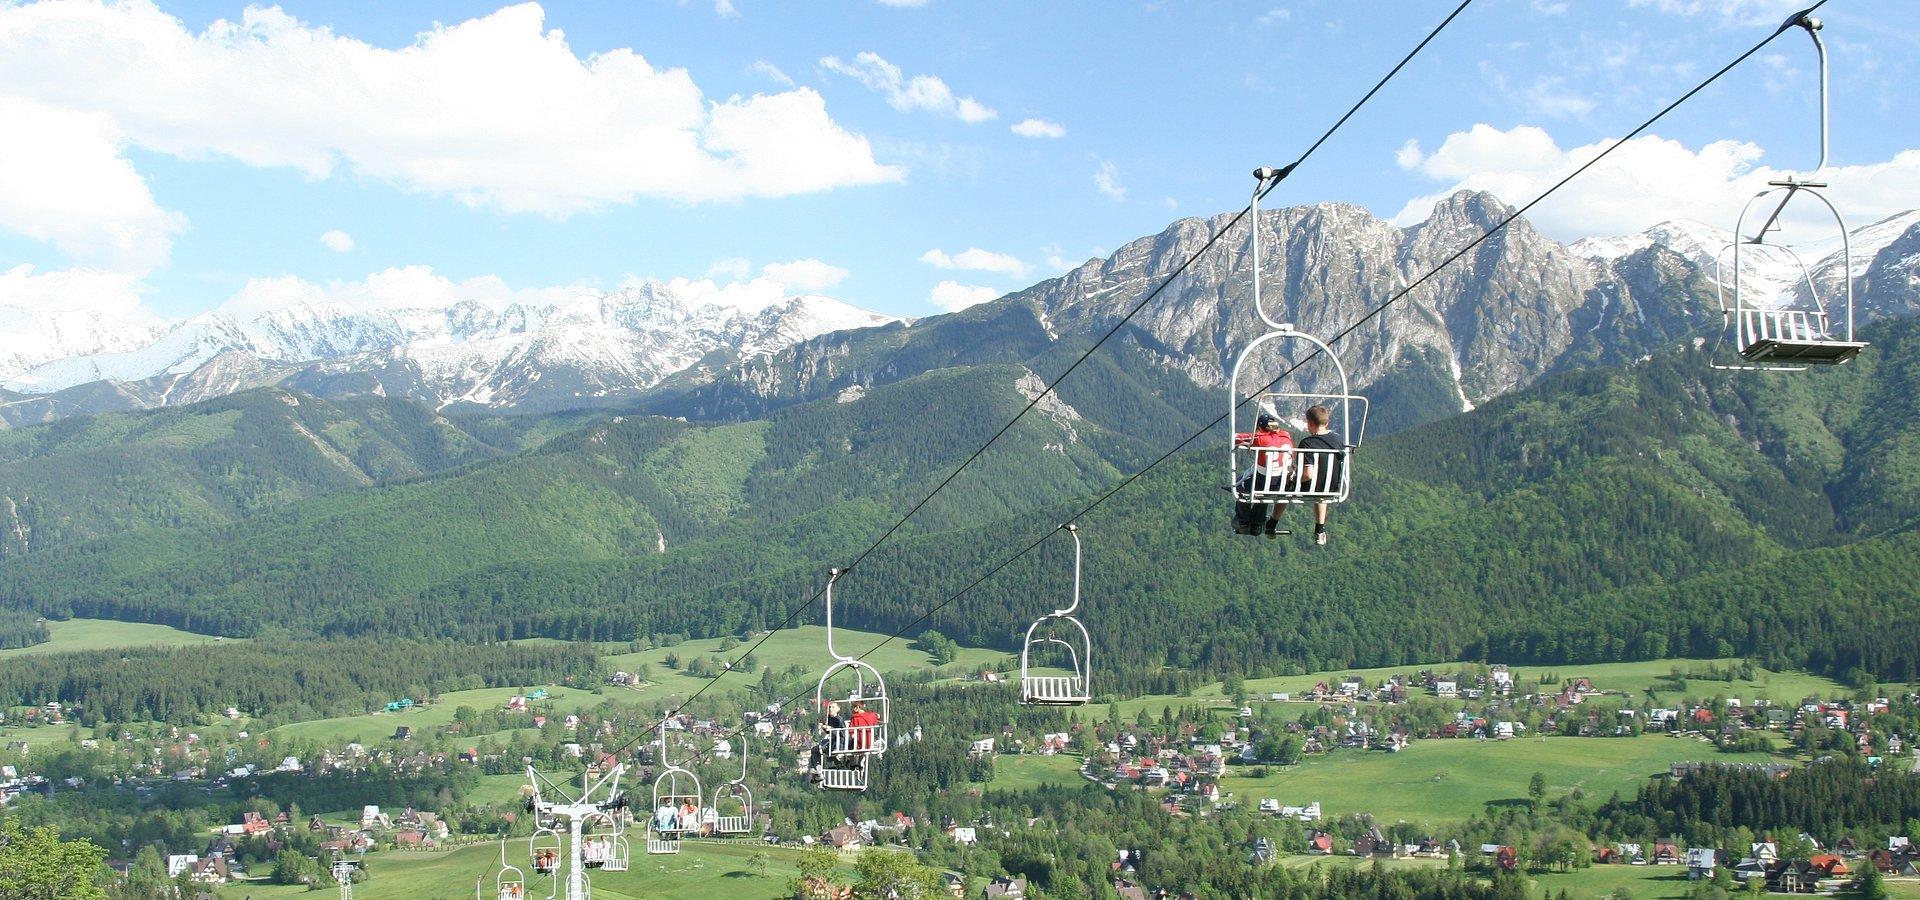 Plany rozwoju ośrodka turystycznego na Butorowym Wierchu w Gminie Kościelisko. Podpisany został w tej sprawie list intencyjny.